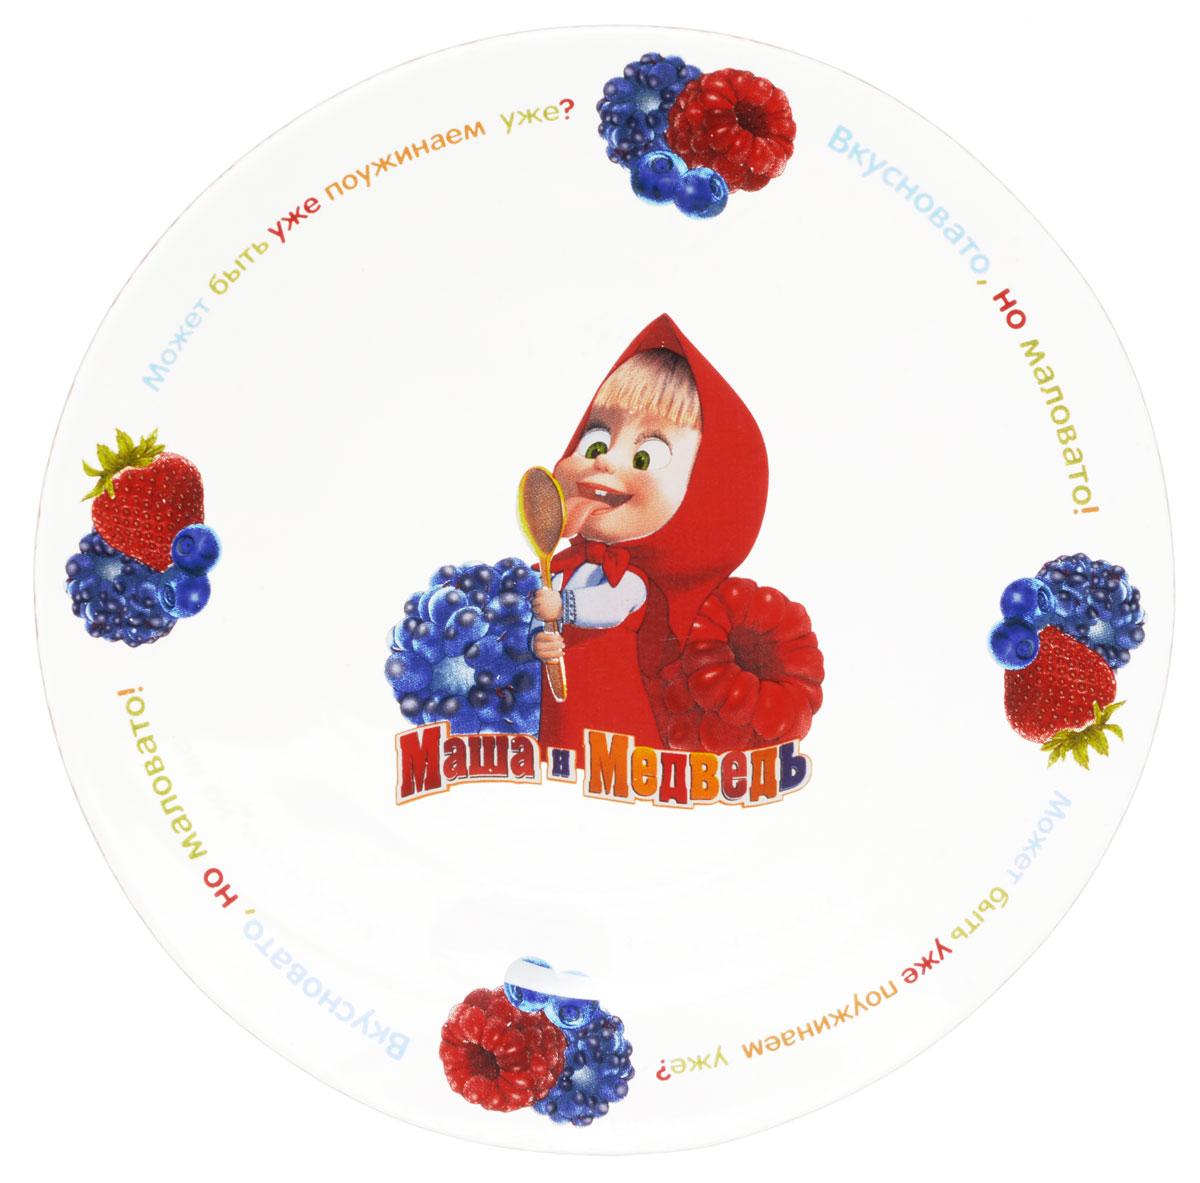 Маша и Медведь Тарелка детская Лето диаметр 20 см10327Яркая тарелка Маша и Медведь Лето идеально подойдет для кормления малыша и самостоятельного приема им пищи. Тарелка выполнена из стекла и оформлена высококачественным изображением героини мультфильма Маша и Медведь. Такой подарок станет не только приятным, но и практичным сувениром, добавит ярких эмоций вашему ребенку! Не подходит для использования в посудомоечной машине.